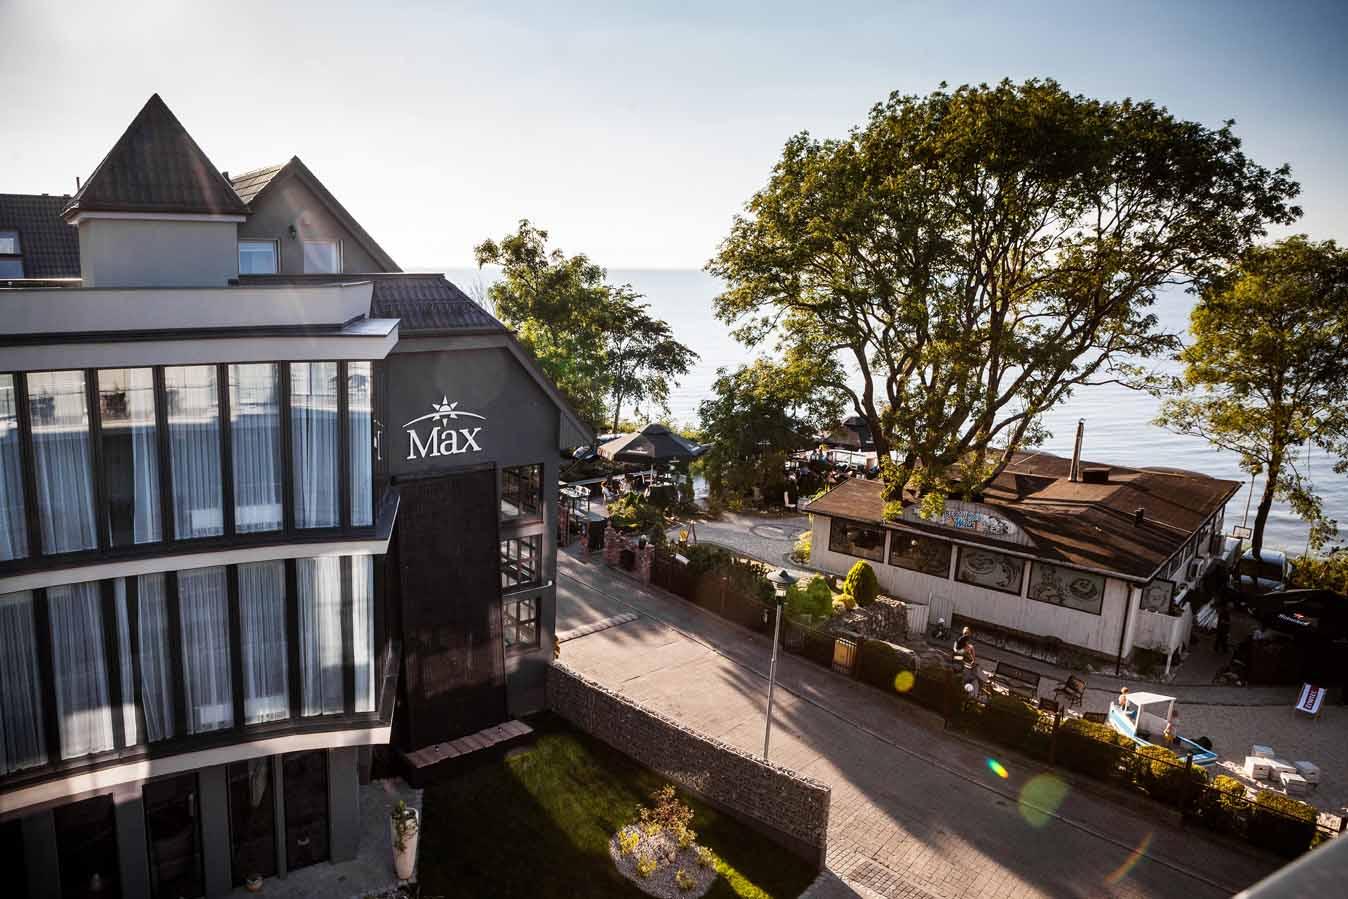 Hotel Max Ustronie Morskie Polnische Ostseekuste 7 Tage Paket